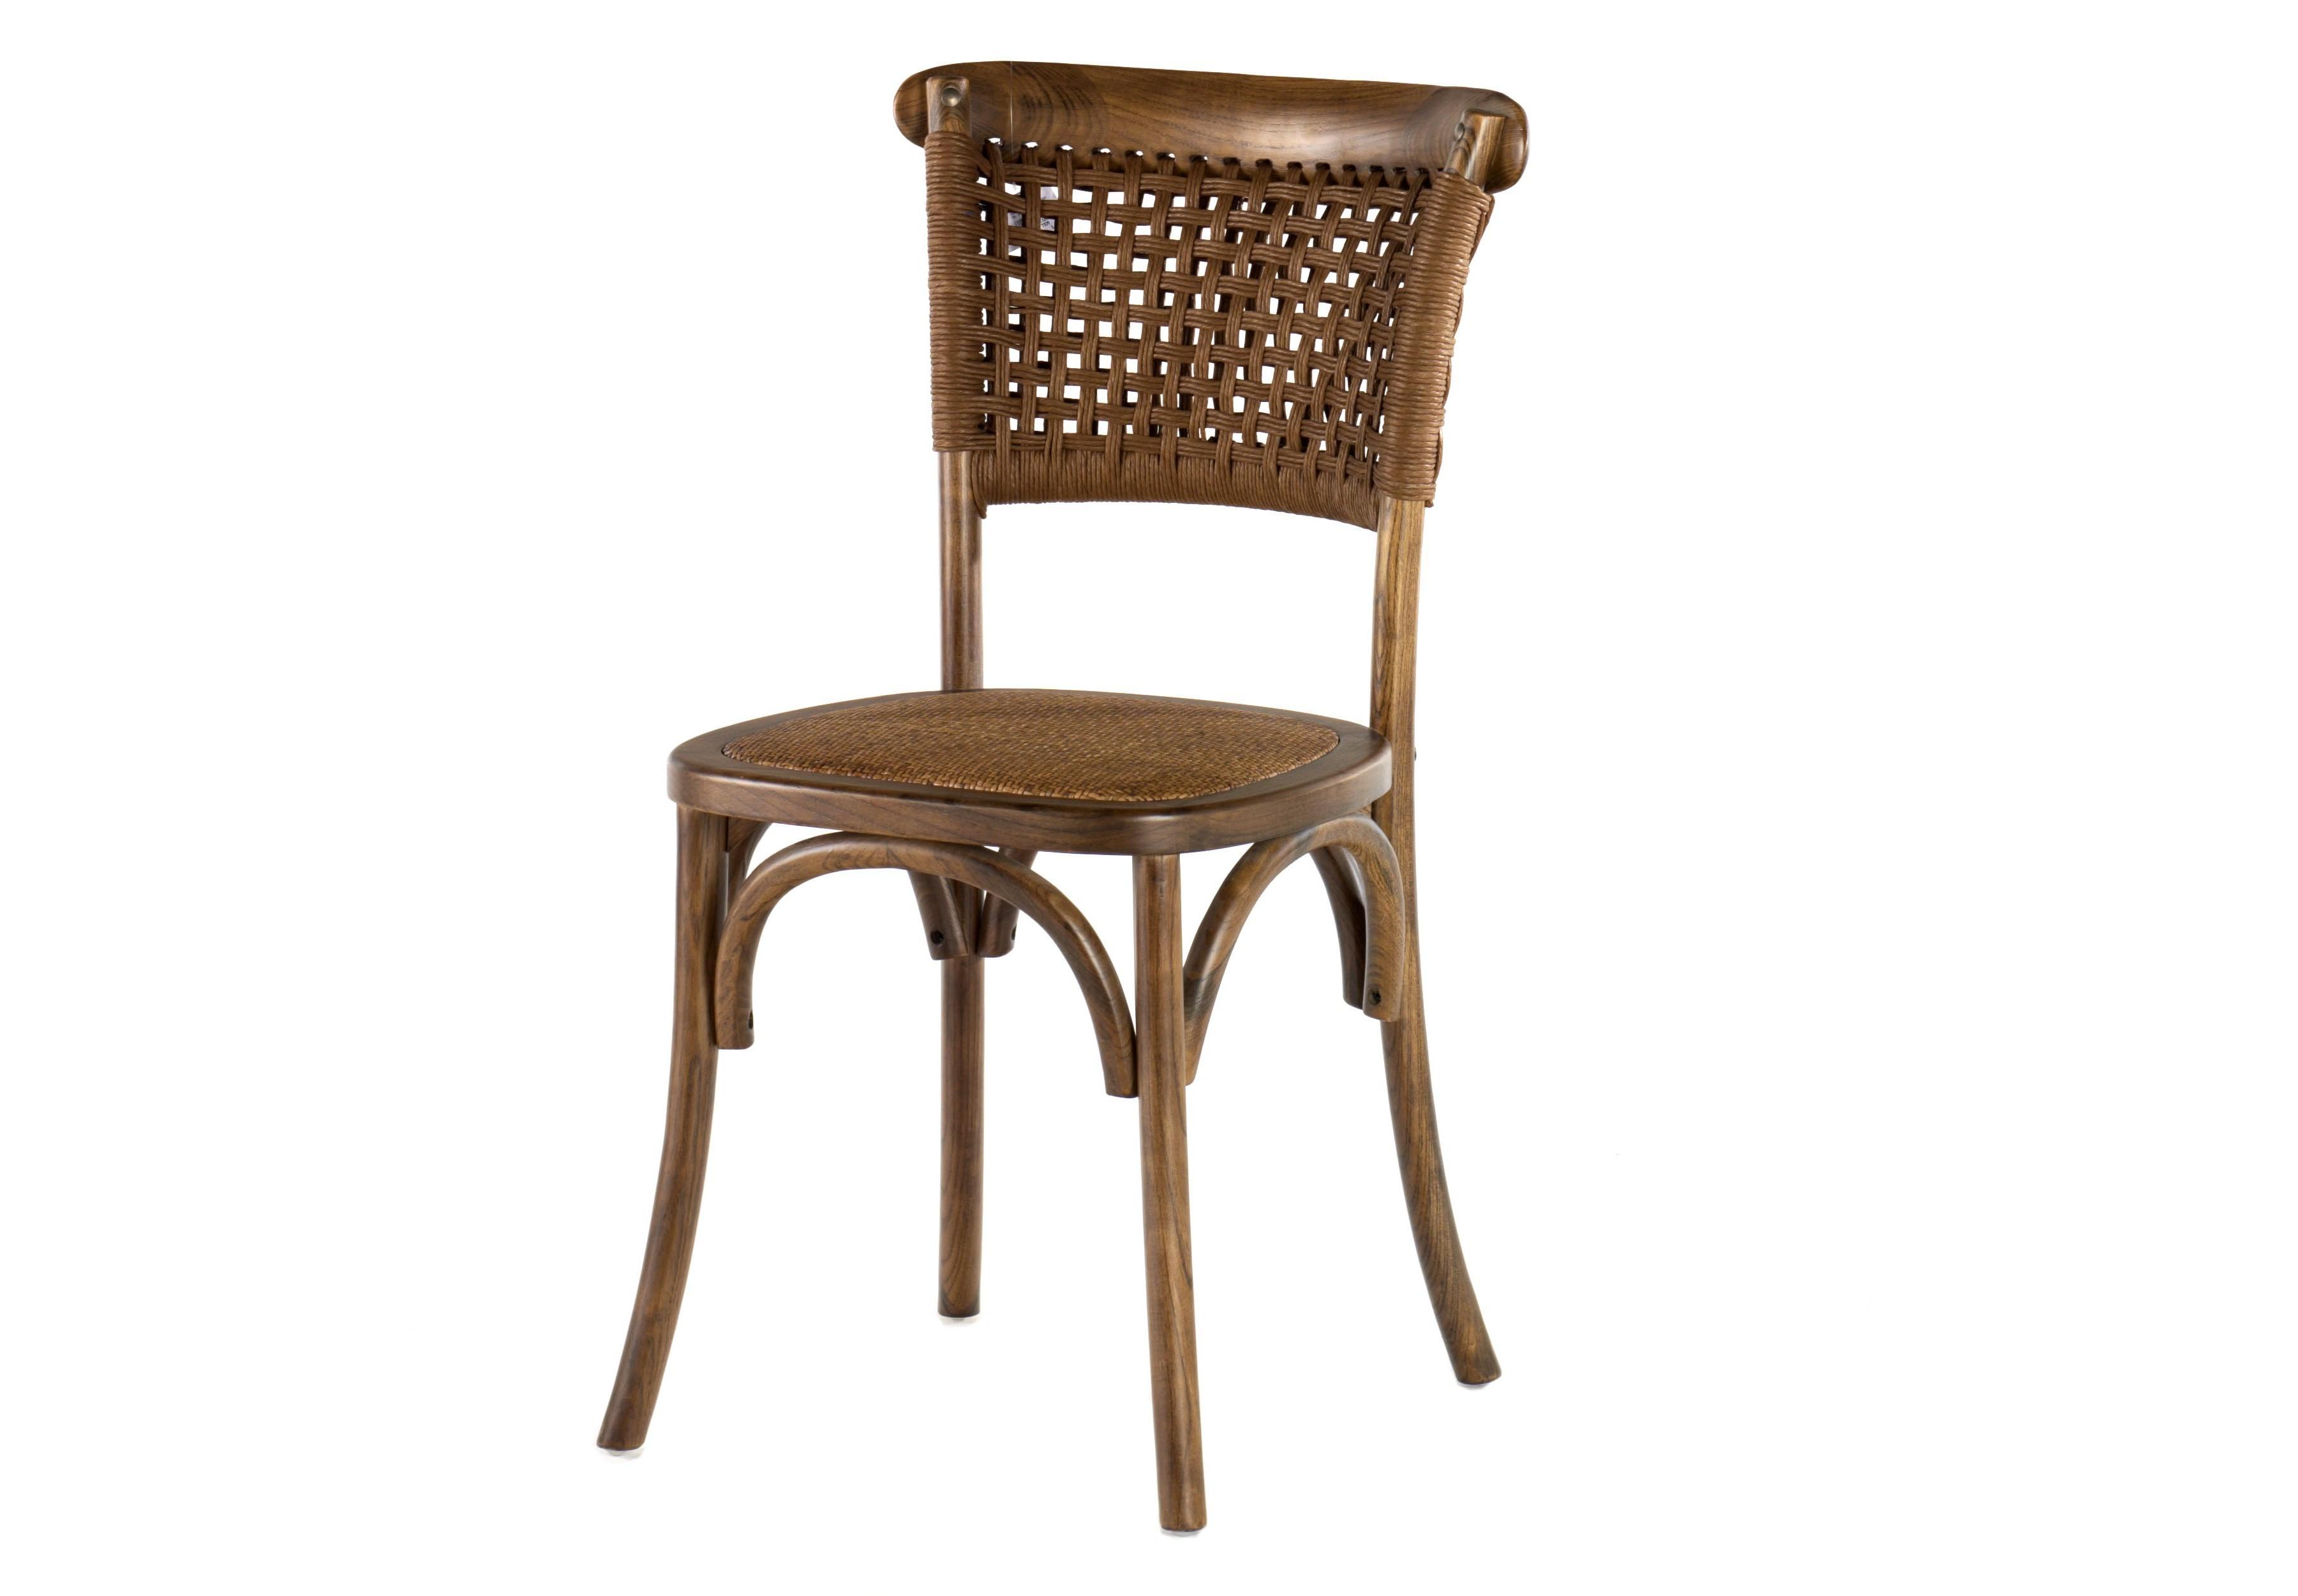 Стул HamletОбеденные стулья<br><br><br>Material: Вяз<br>Length см: None<br>Width см: 40<br>Depth см: 40<br>Height см: 90